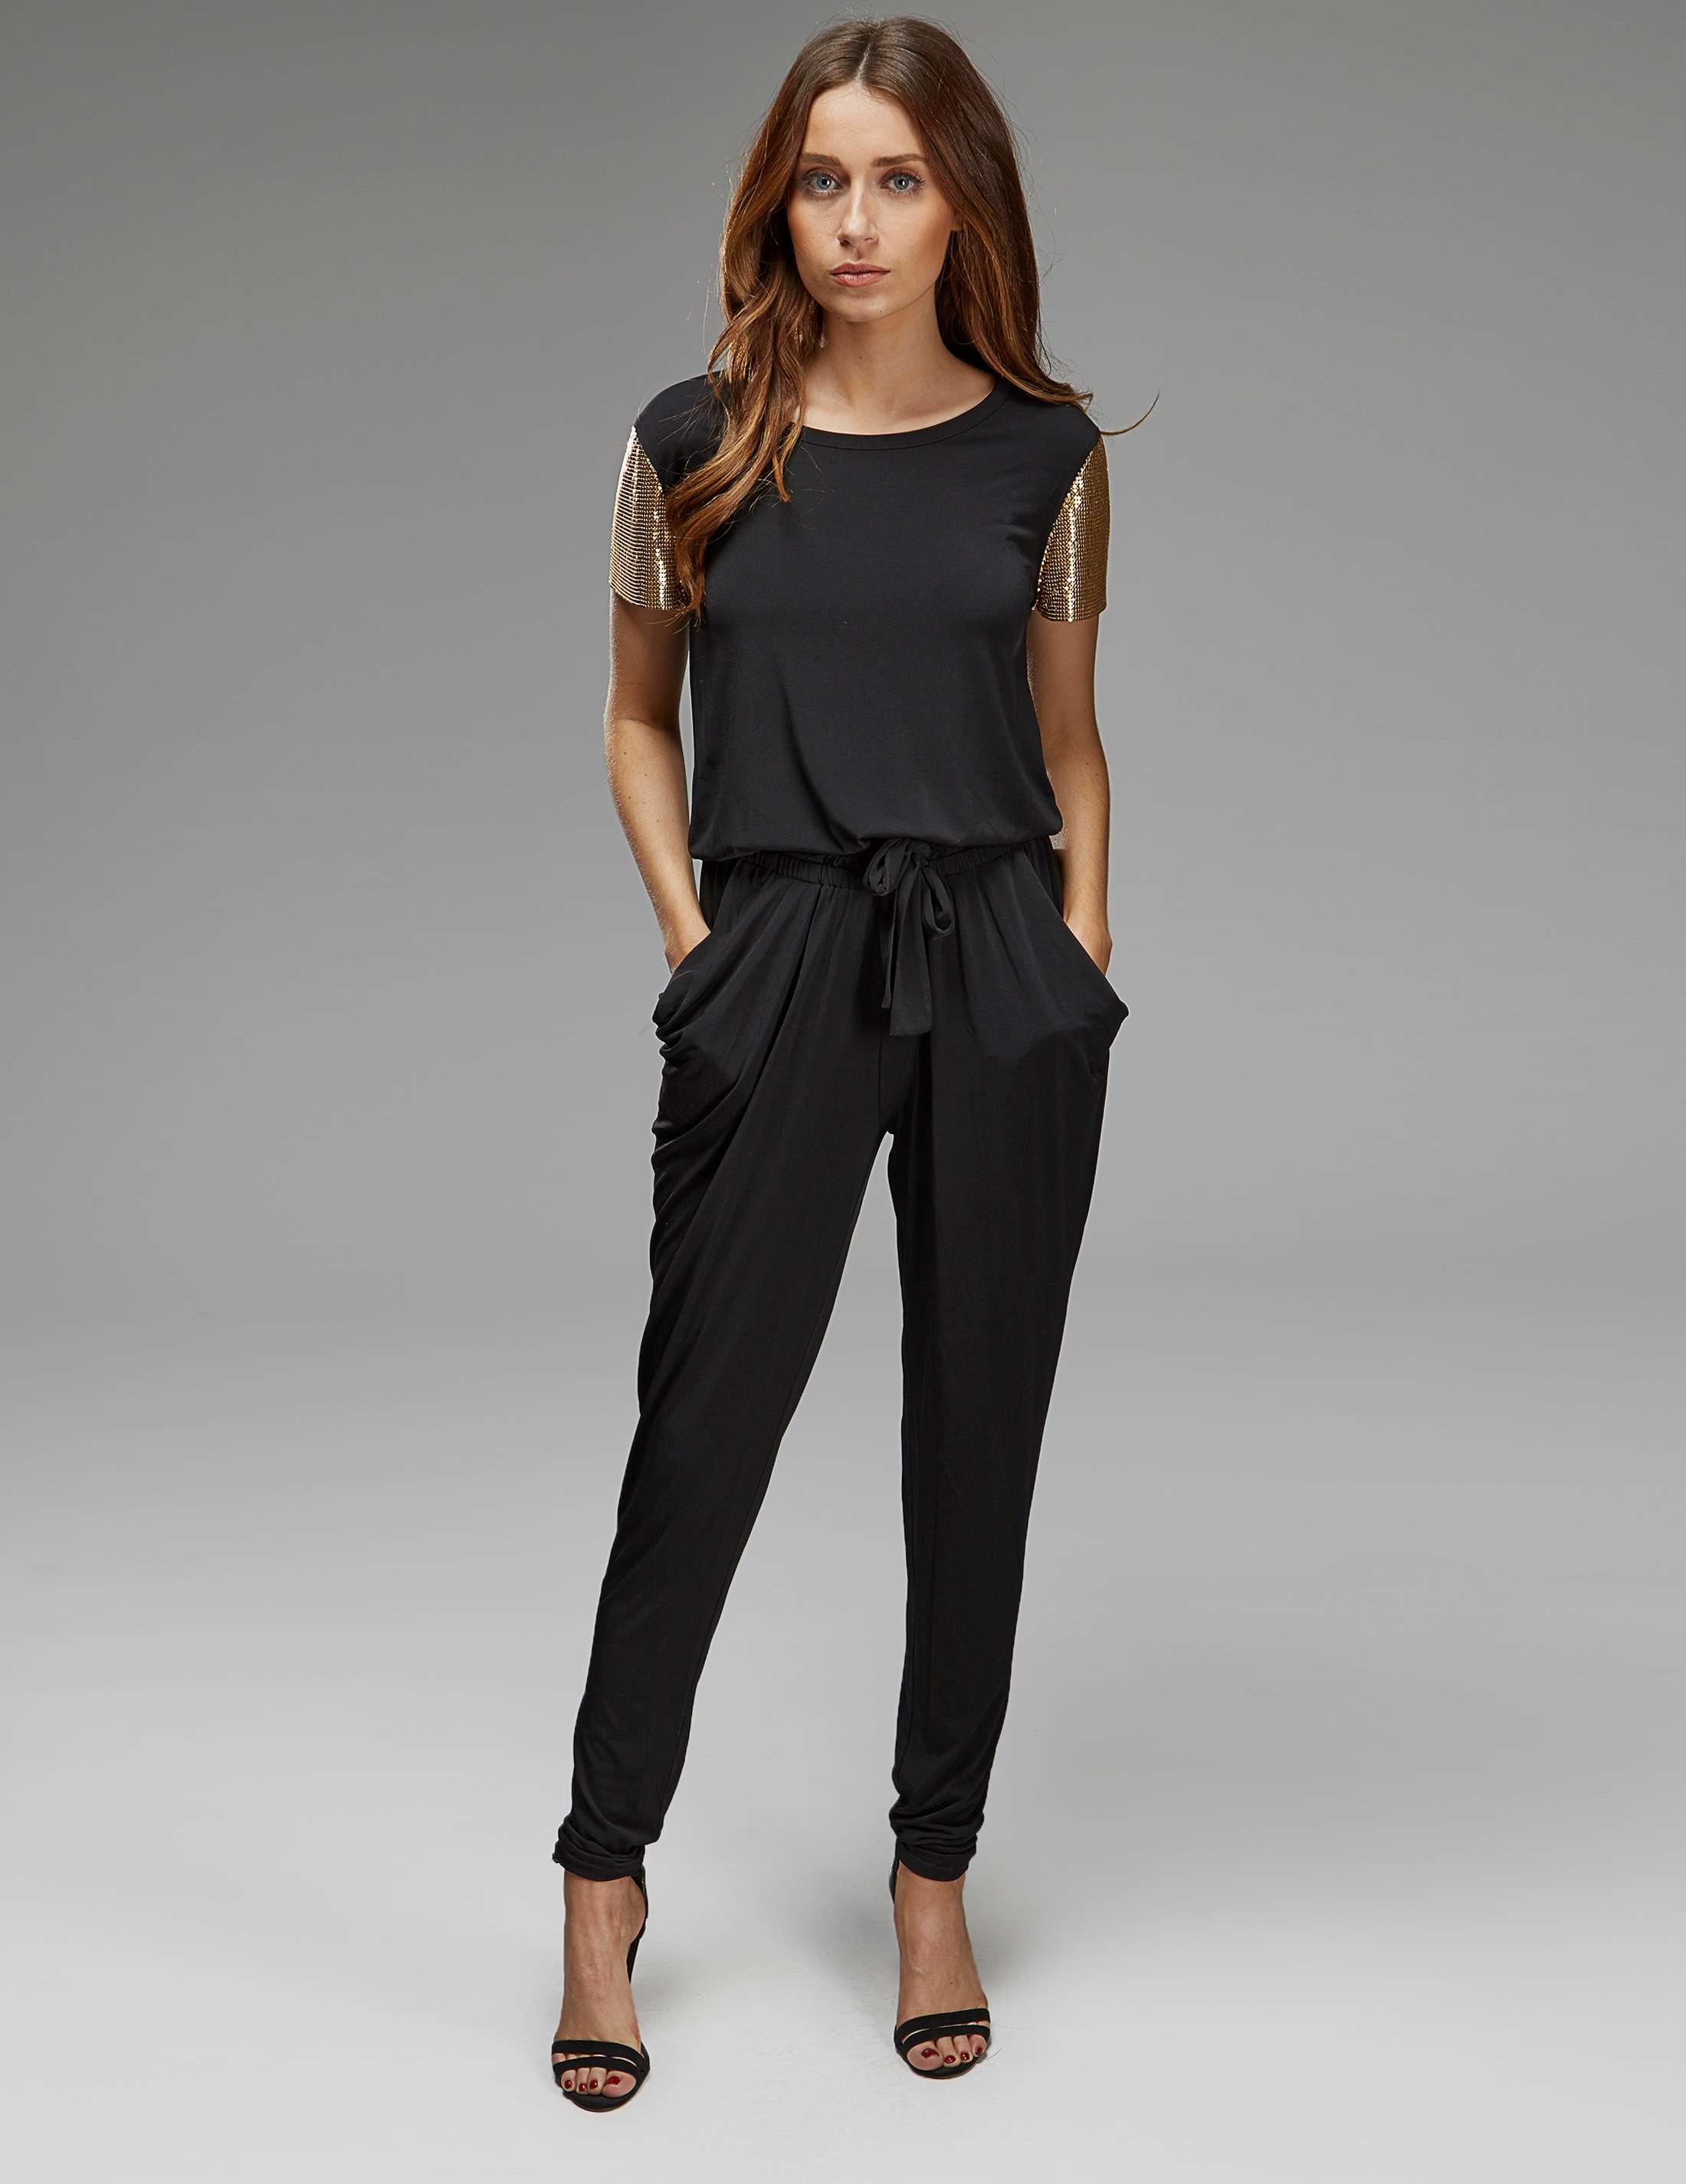 Polo Ralph Lauren Womens T Shirts